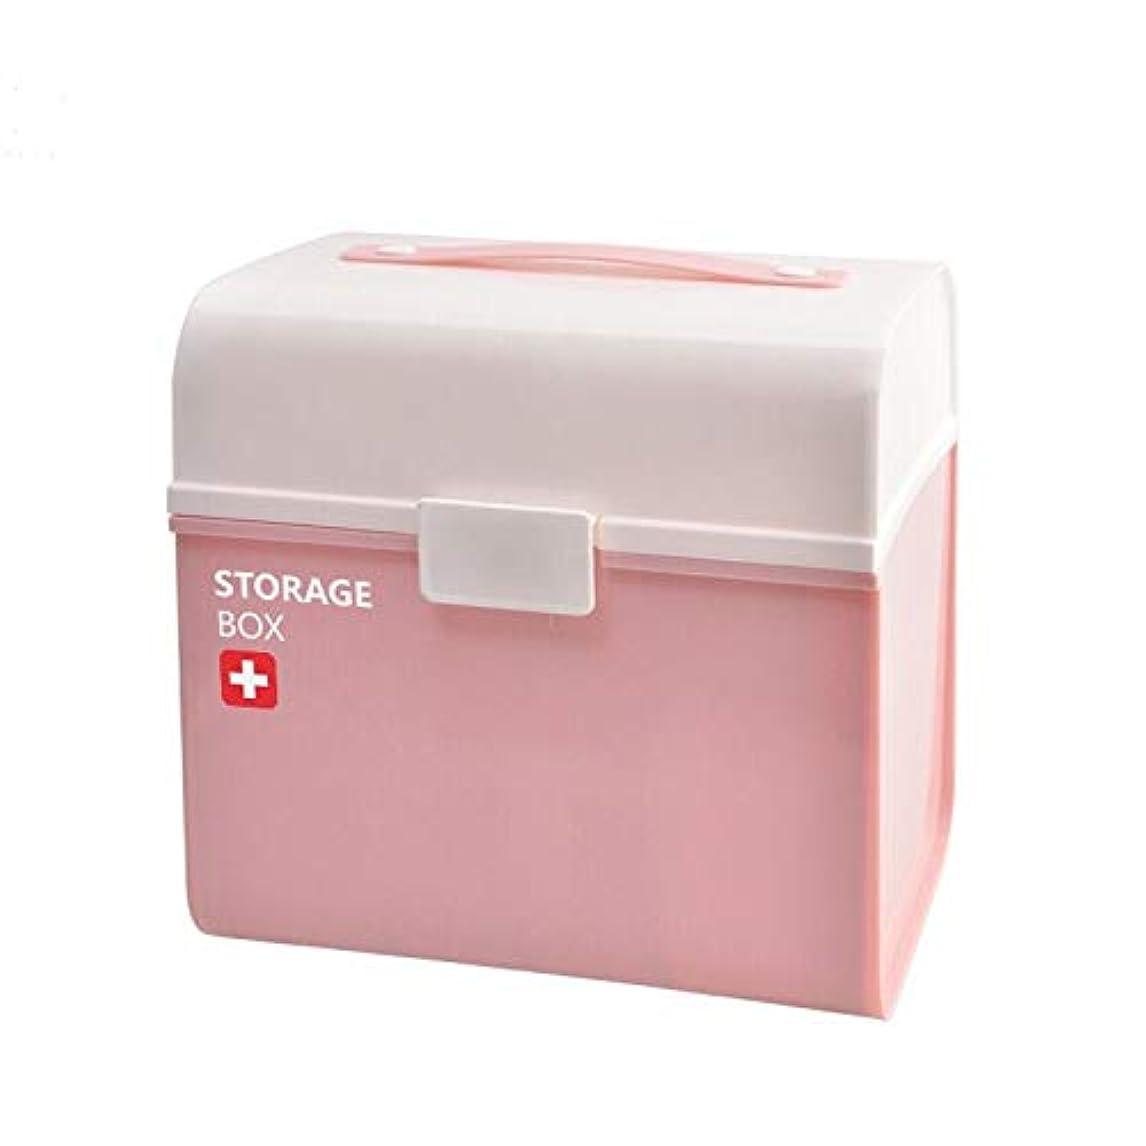 気体の時折ヒープDjyyh 医療ボックスプラスチック救急箱、雑貨収納ボックスピンクキャビネットピルボックス - 21×25×24センチ